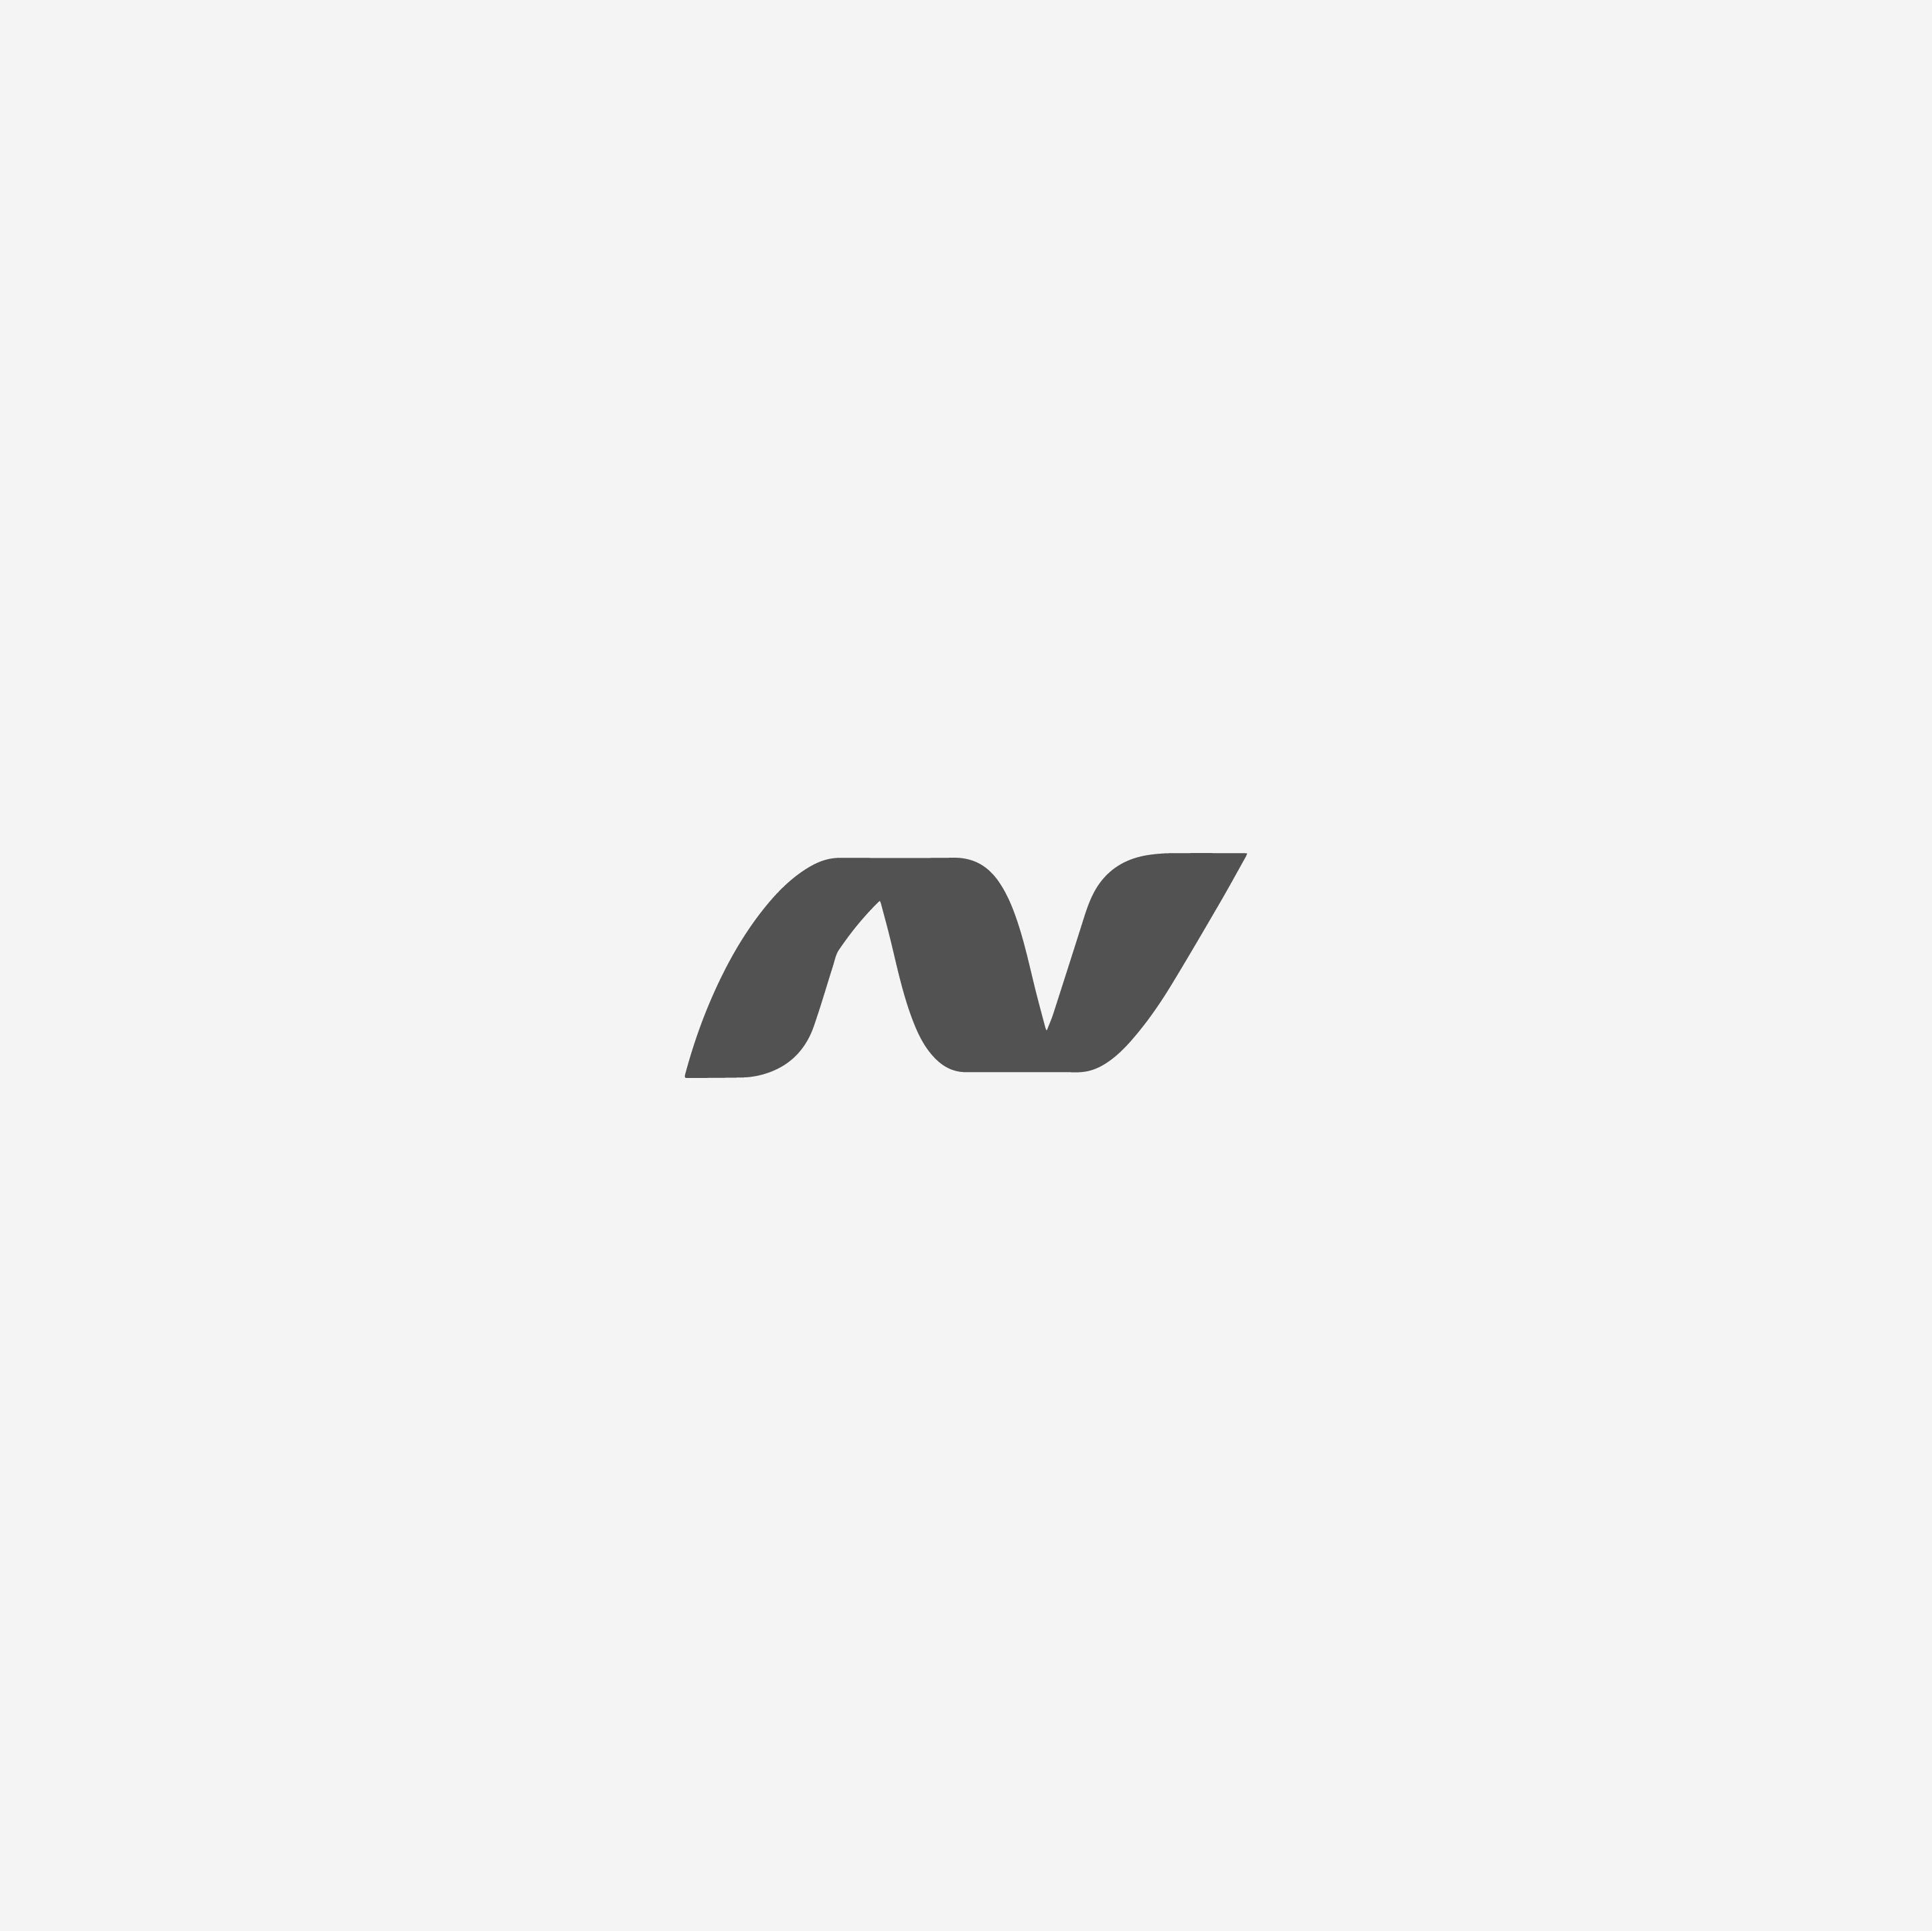 LogoNetPlus